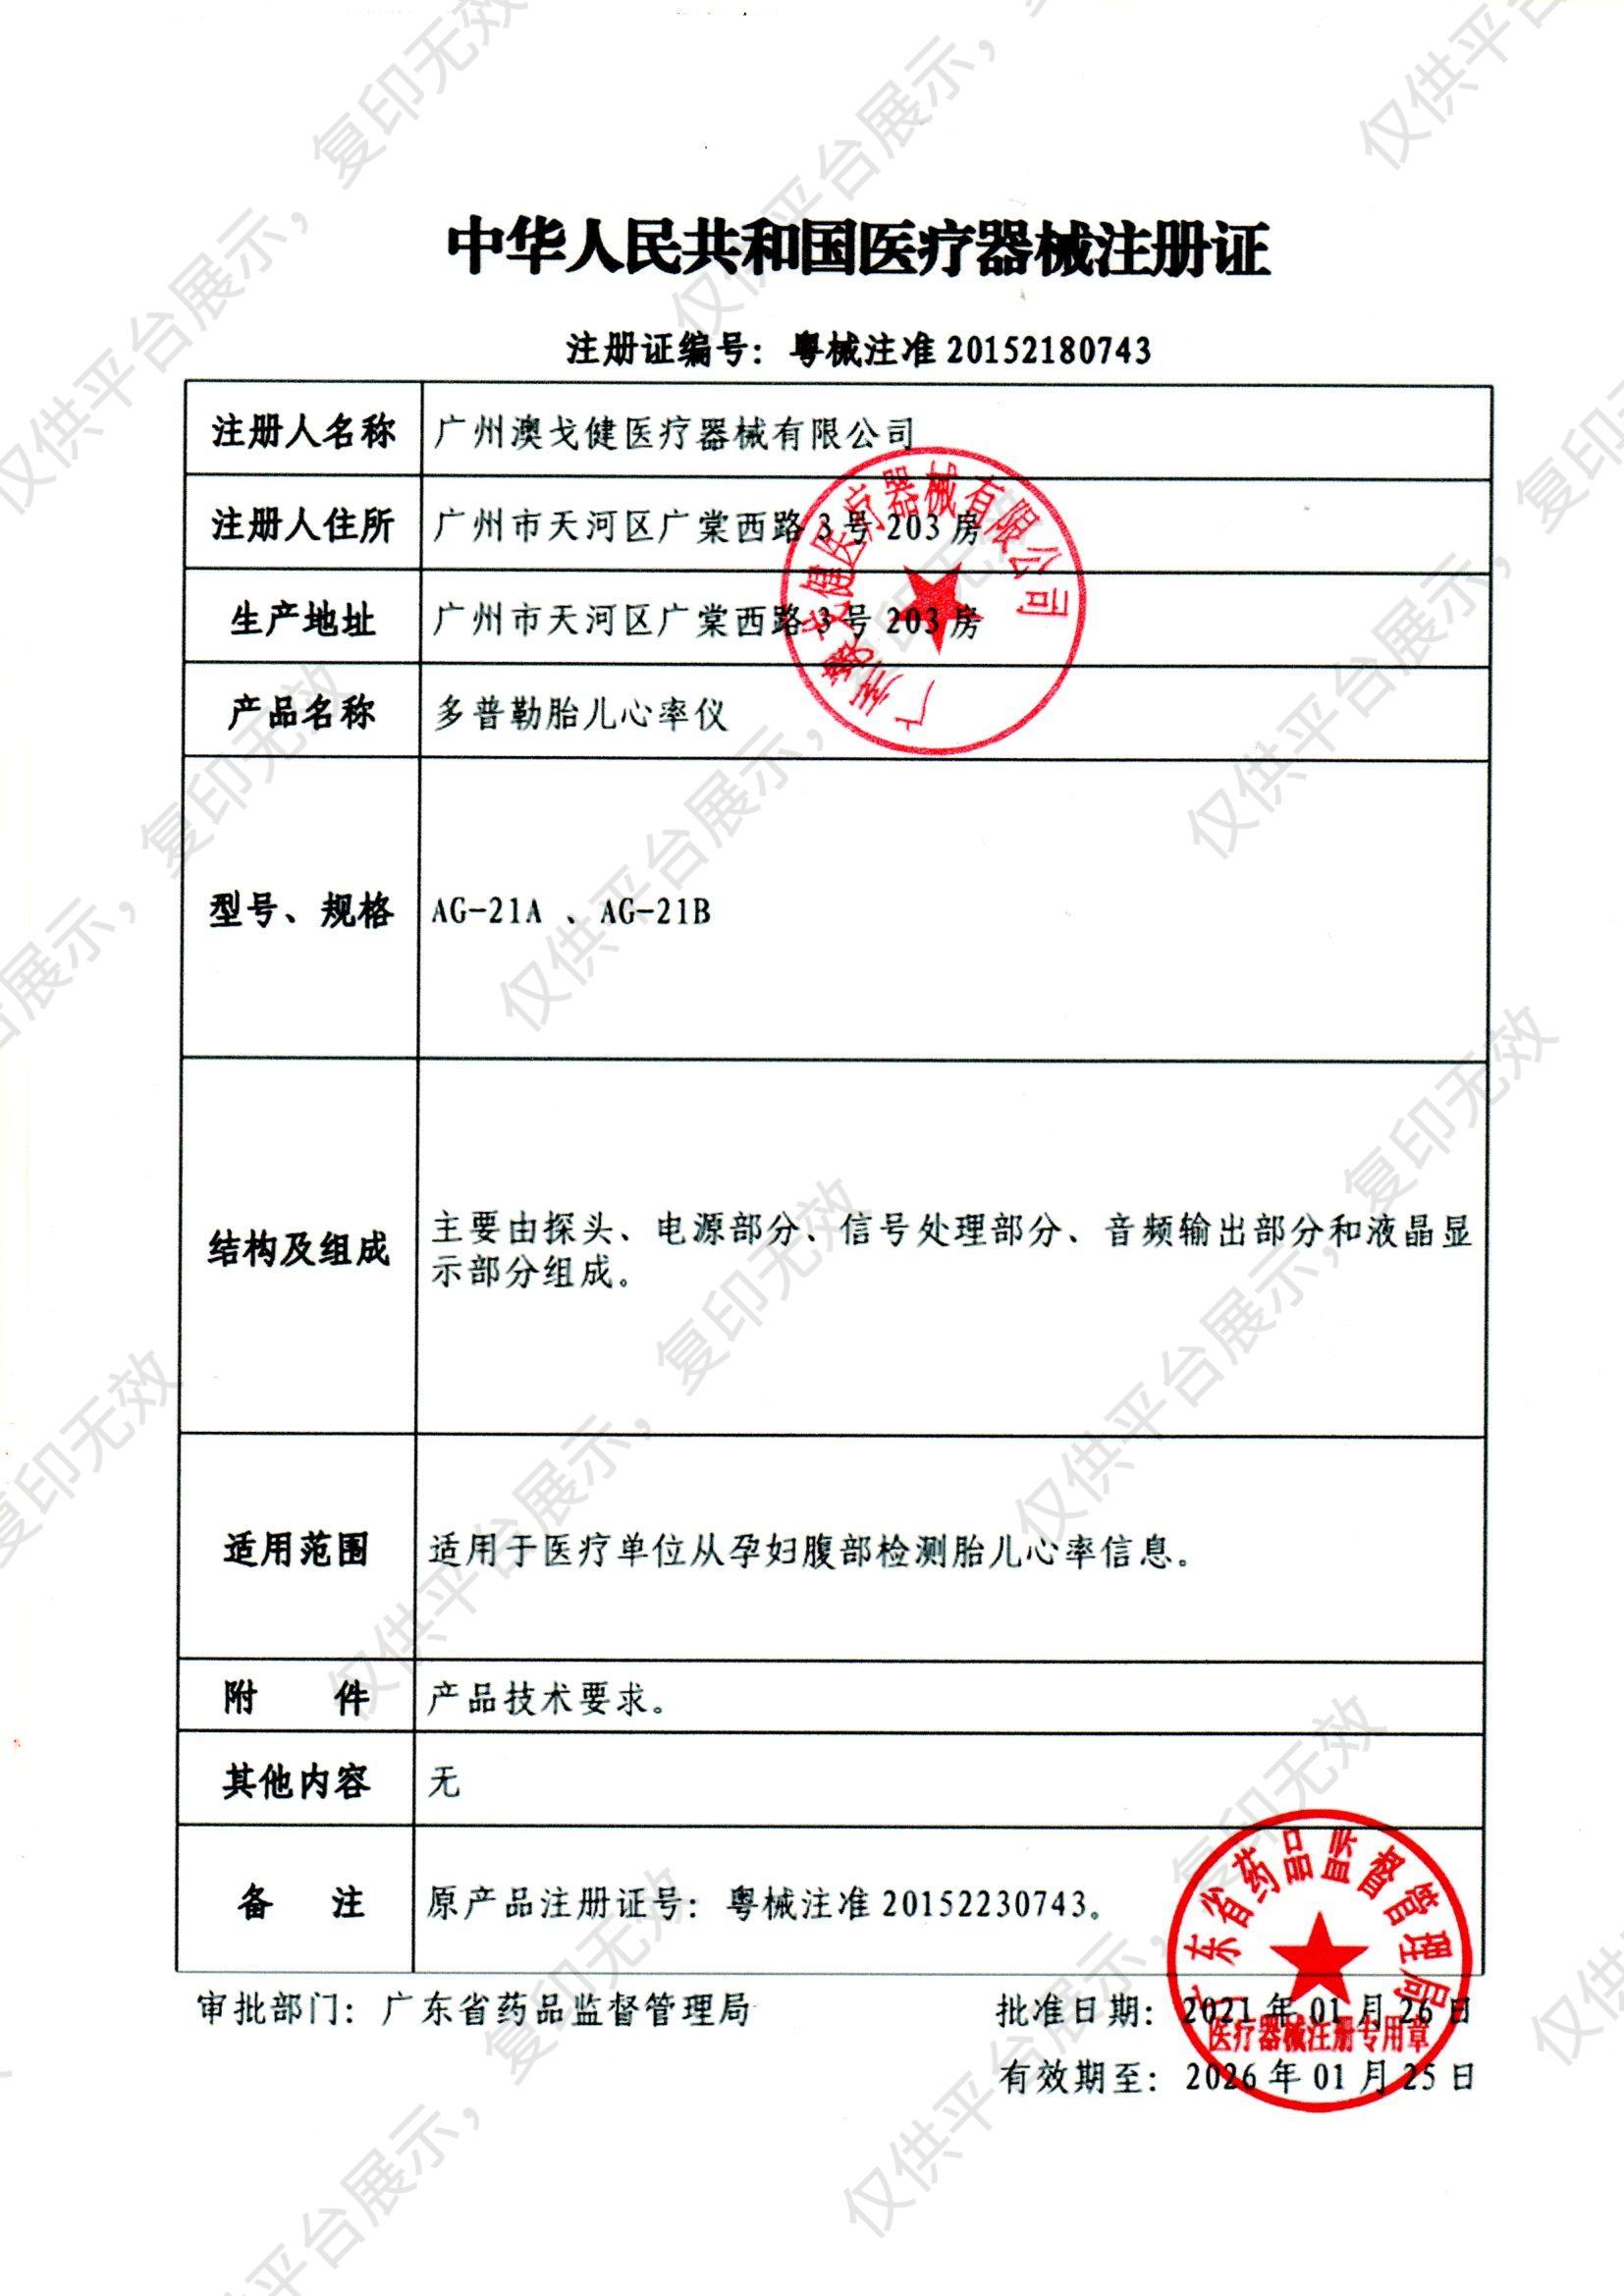 澳戈健AOGEJIAN 多普勒胎儿心率仪 AG-21B注册证